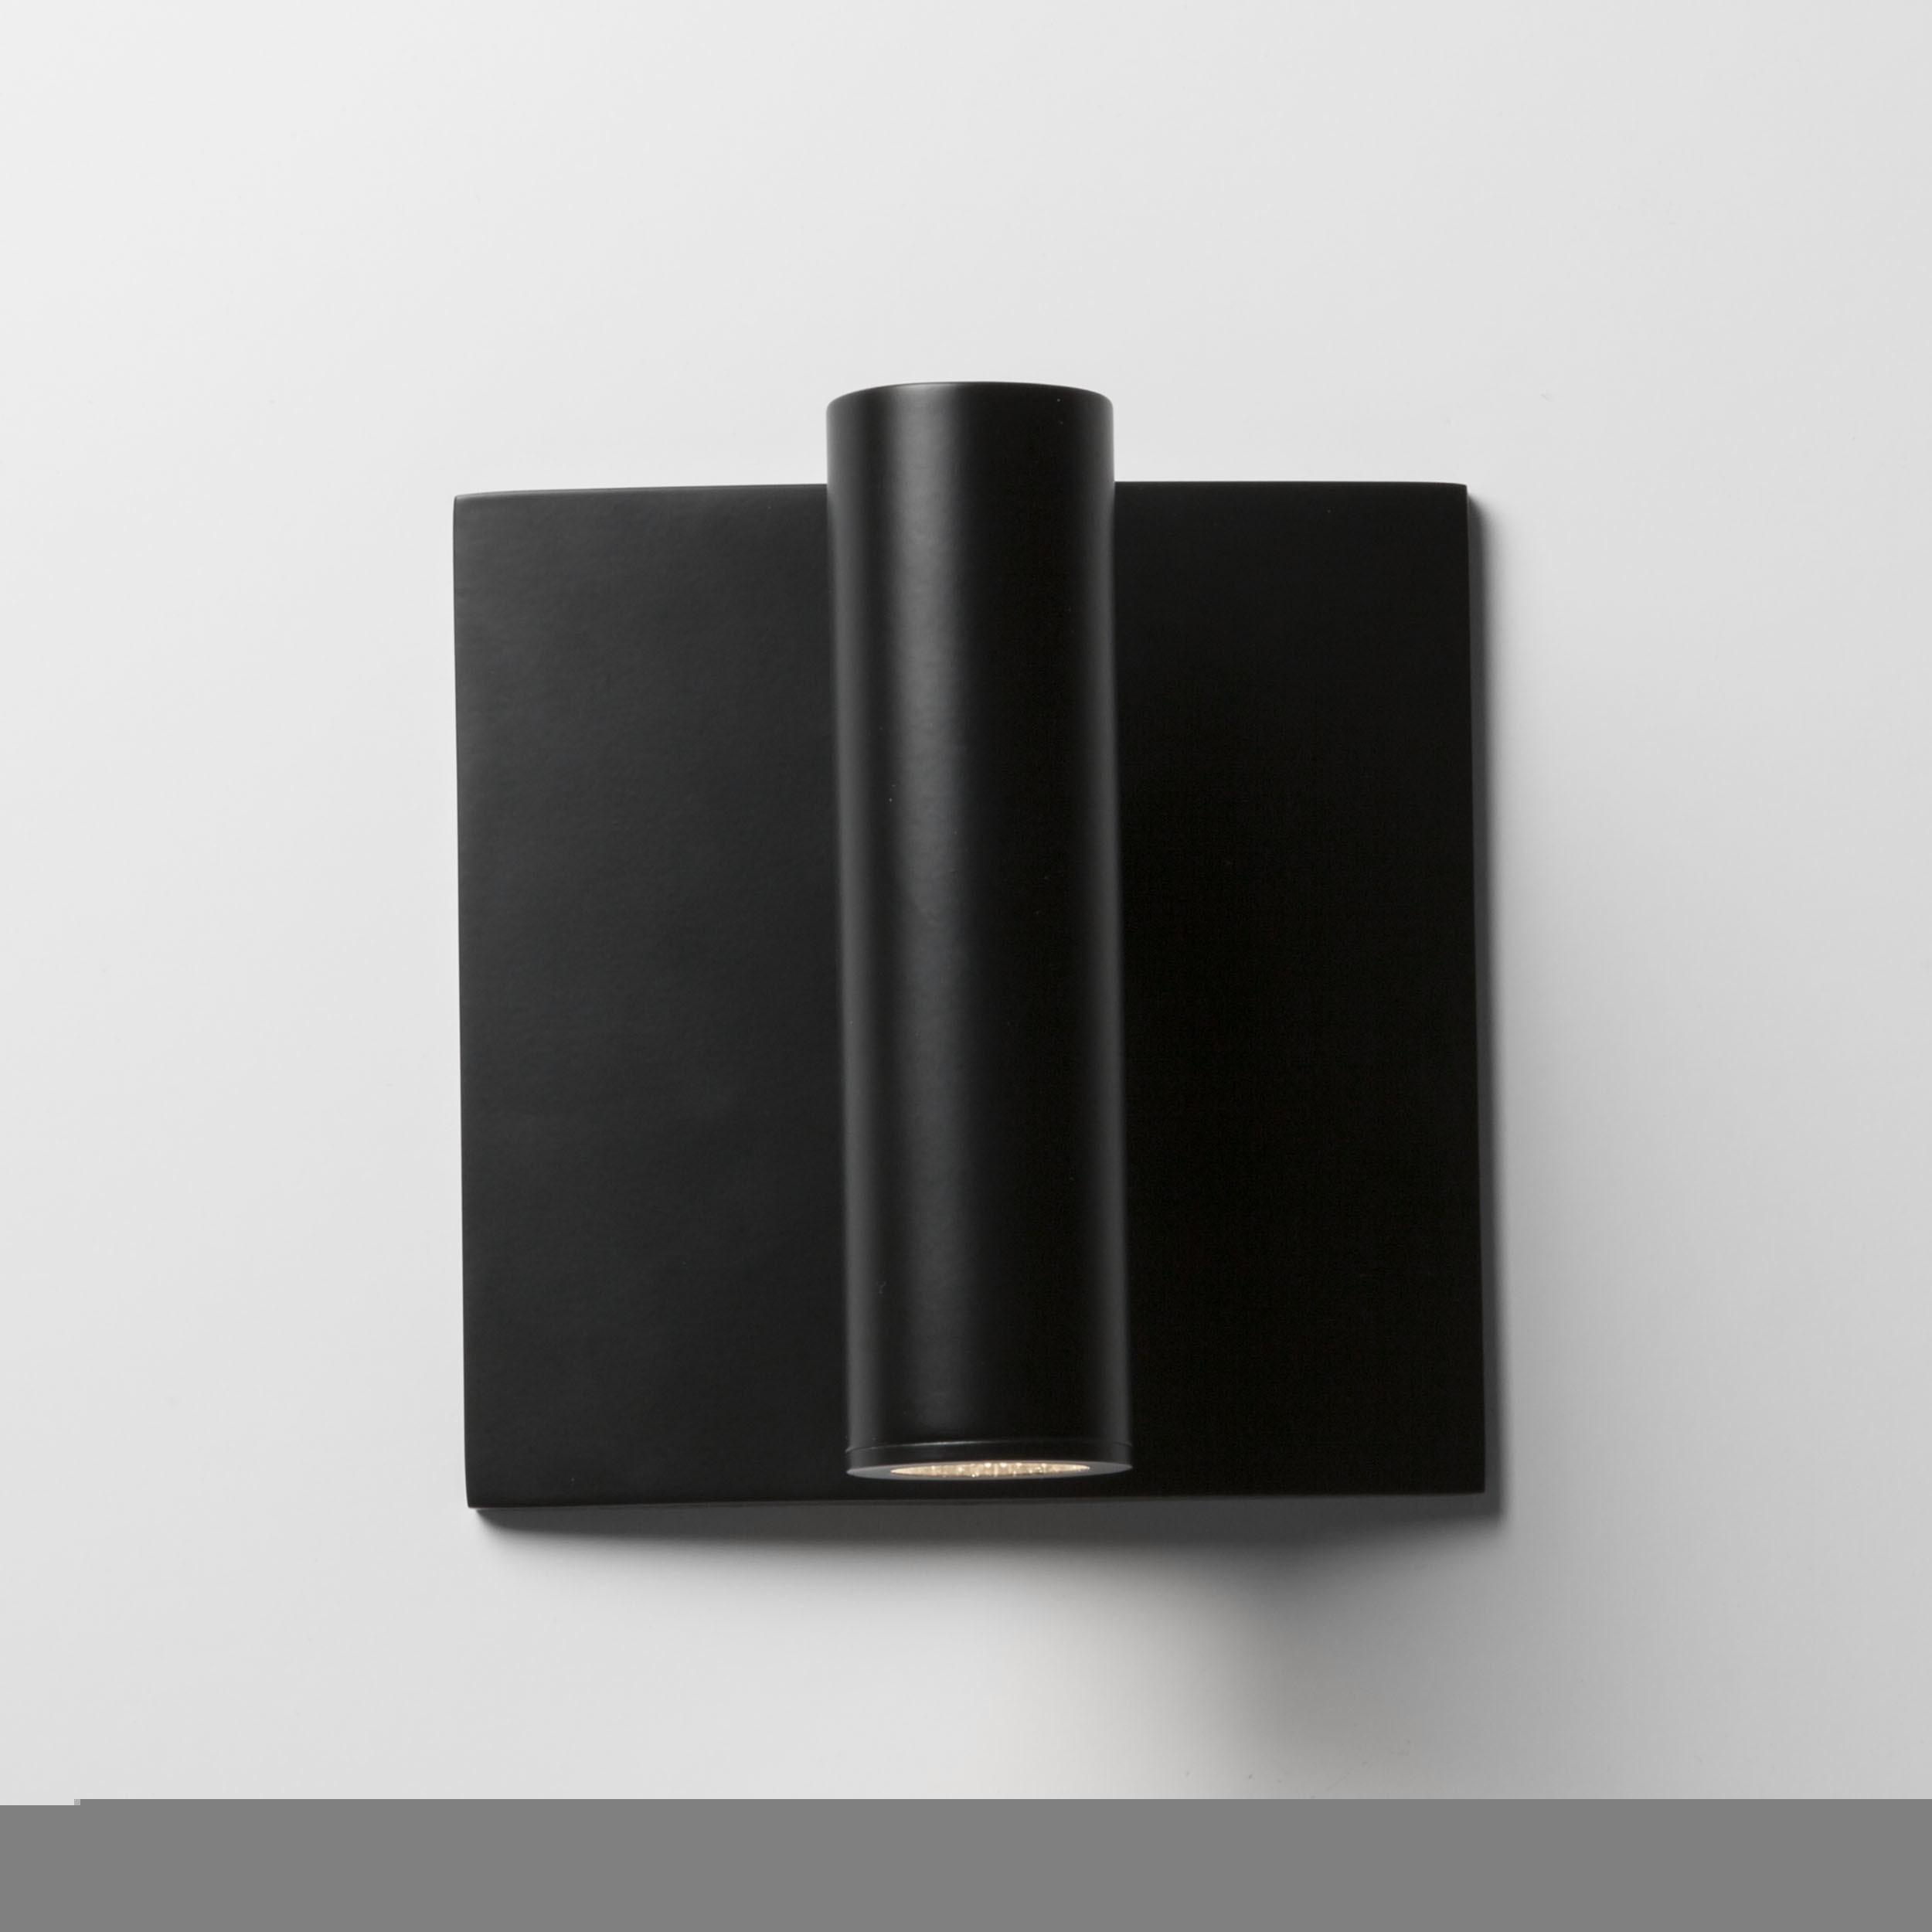 Встраиваемый настенный светодиодный светильник с регулировкой направления света Astro Enna 1058024 (7496), LED 4,47W 2700K 111.44lm CRI80, черный, металл - фото 2